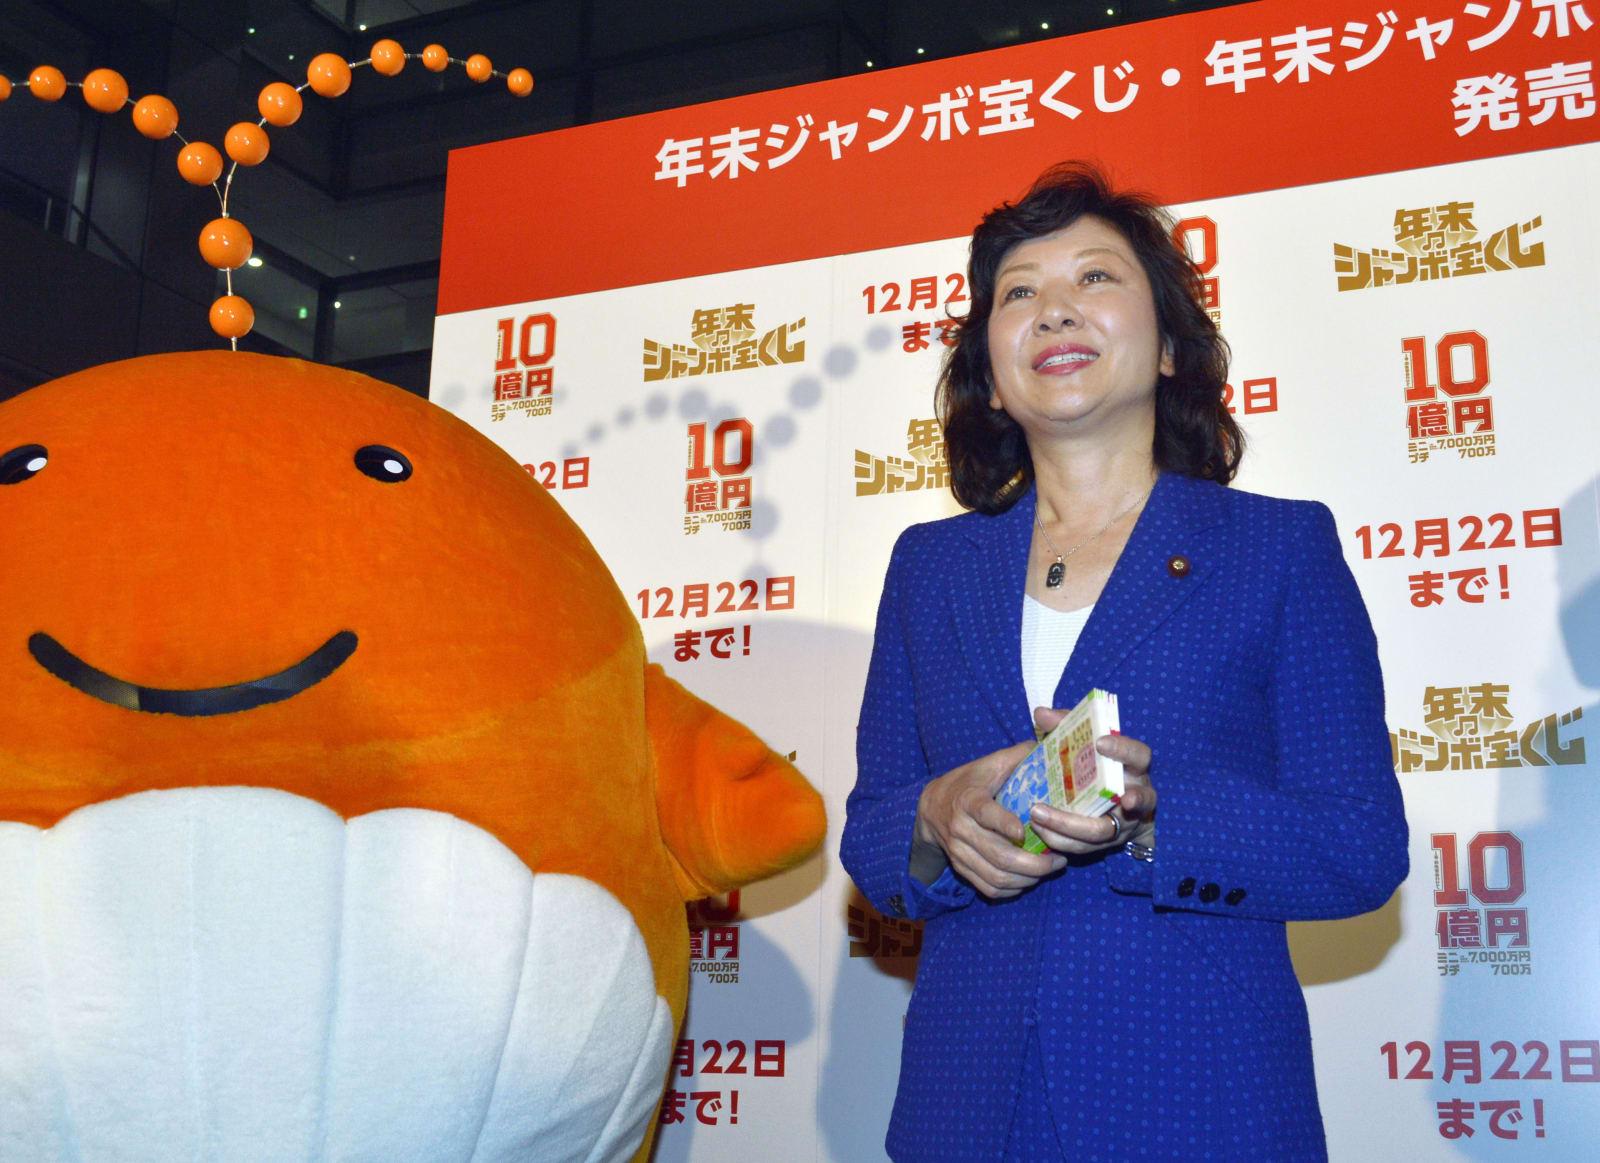 【宝くじ】野田聖子総務相「若い人はもっと宝くじ買って。外れてもどこかで役に立つから」wwwwww